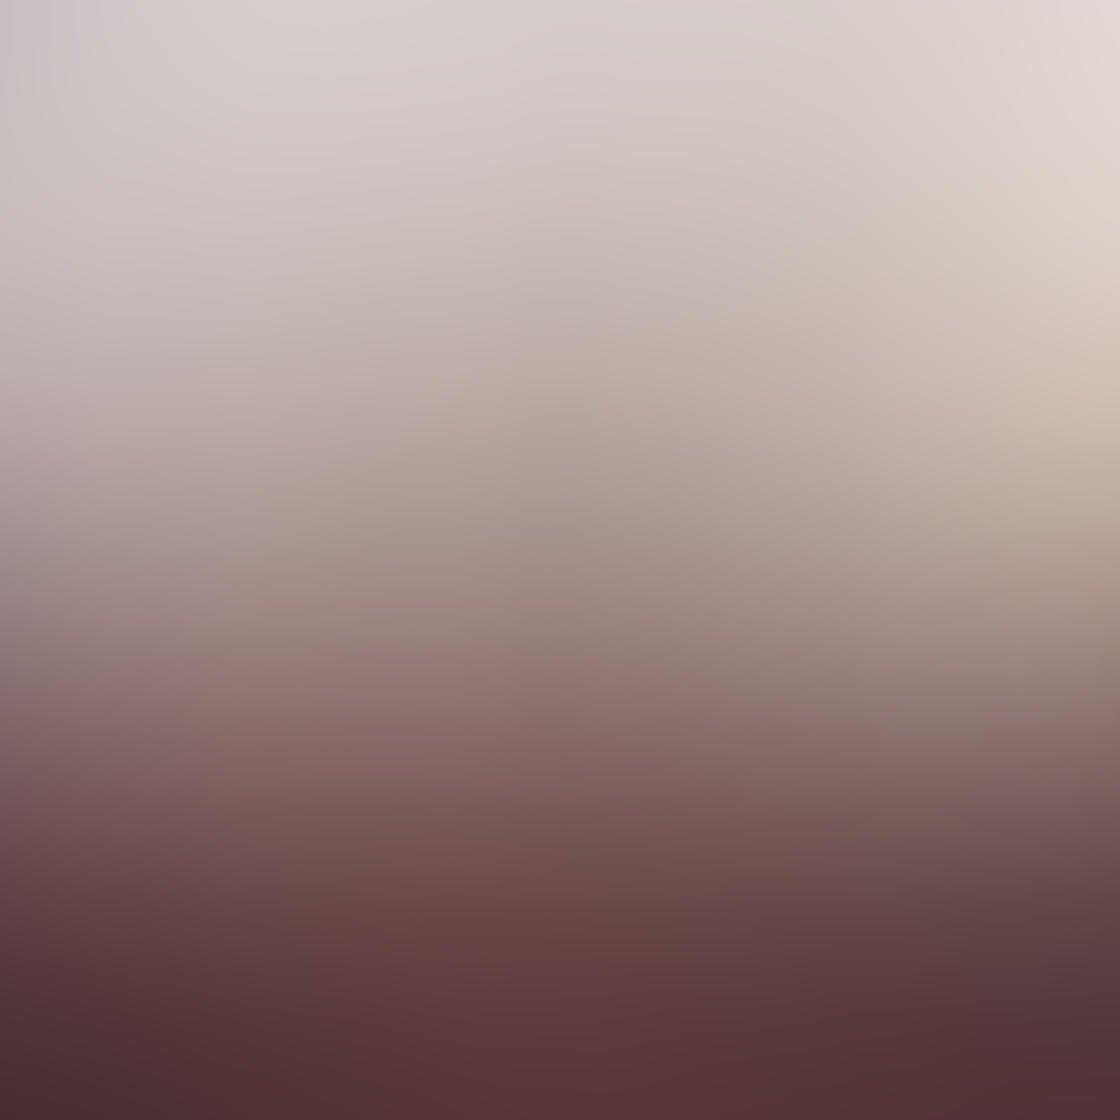 Fog & Mist iPhone Photos 39